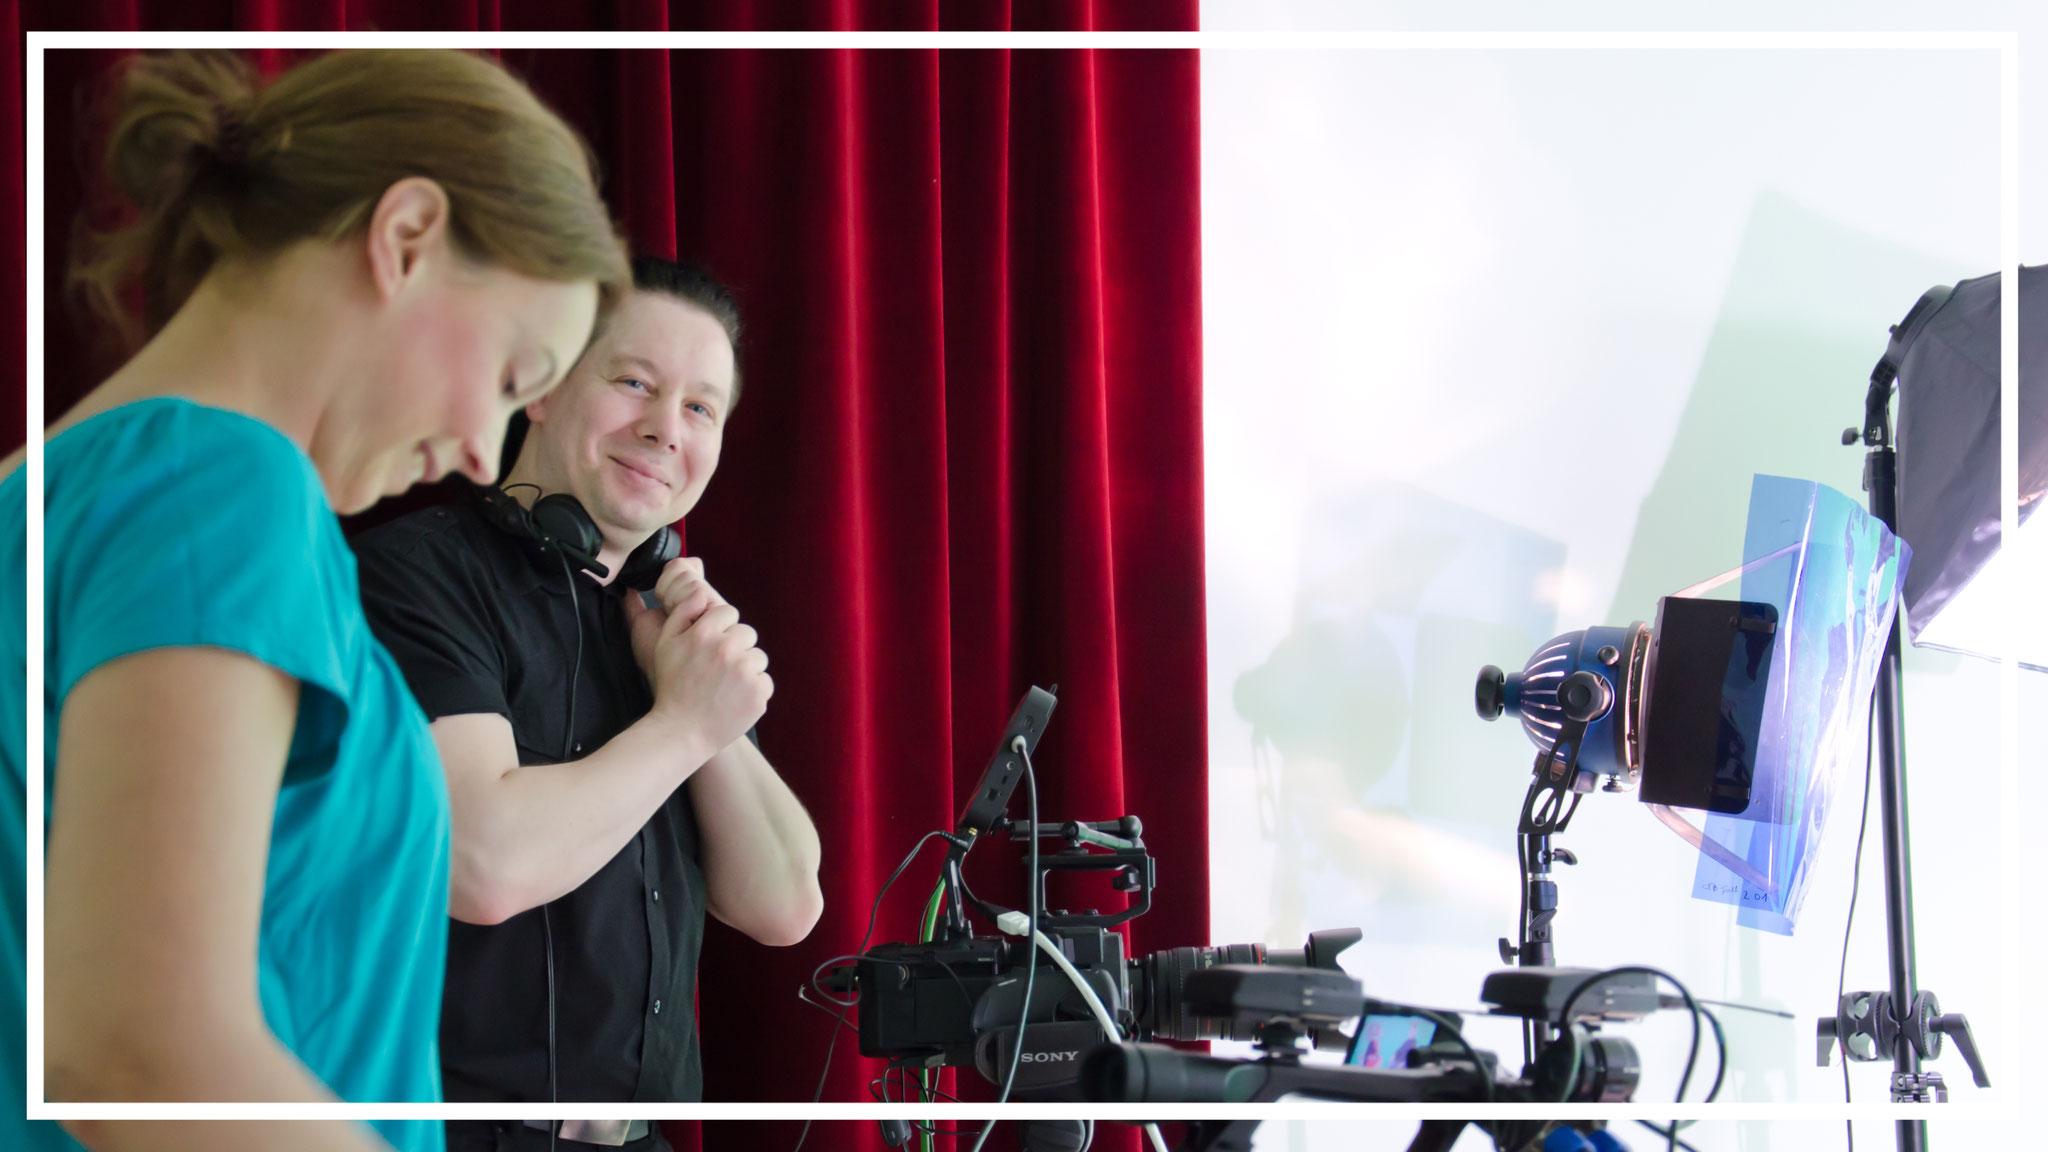 Mirko Jänecke: Kameramann und Humorbeauftrager